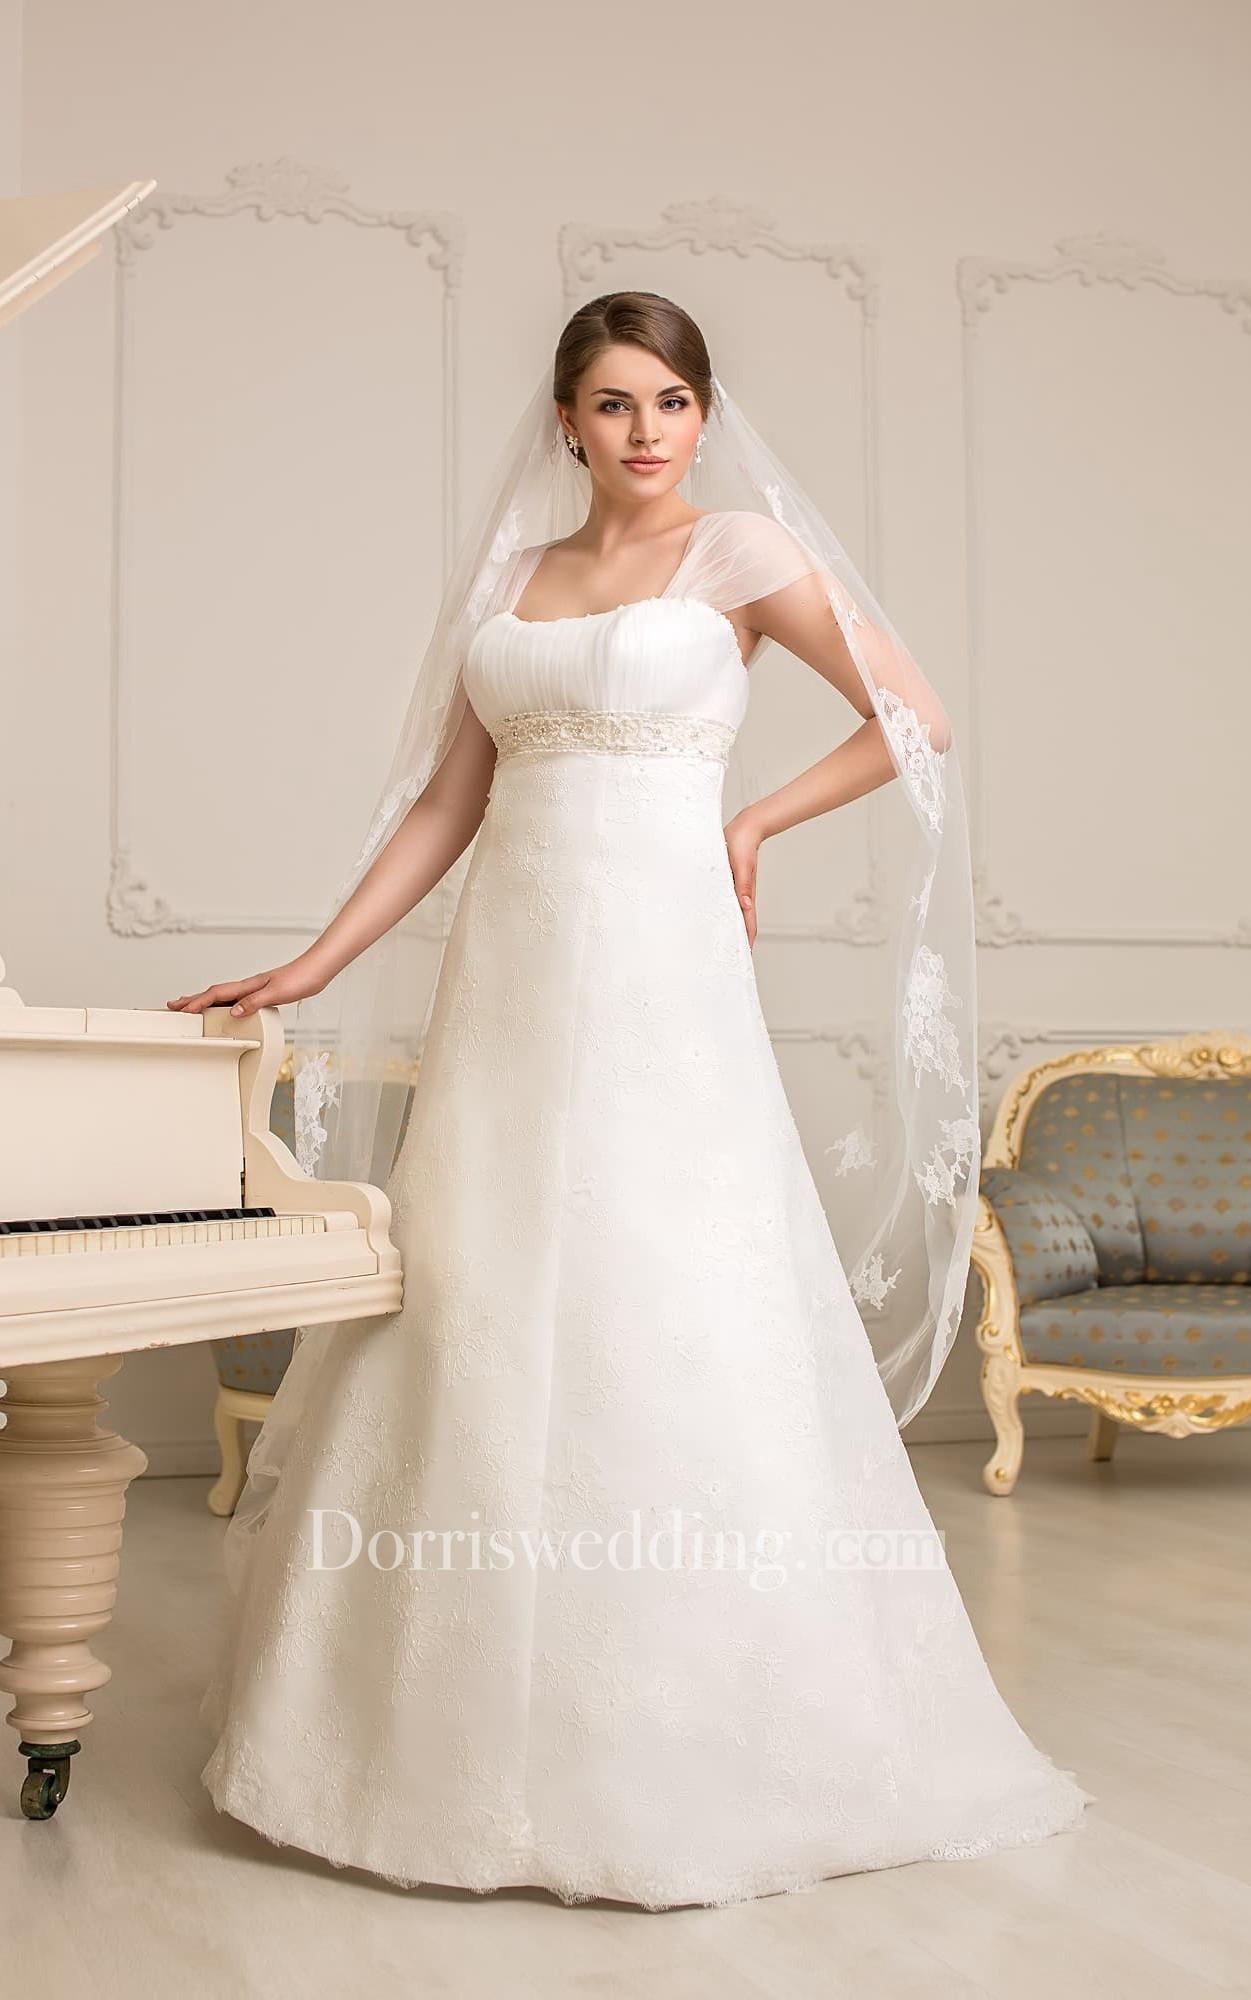 Dorris wedding dorris wedding aline floorlength squareneck cap